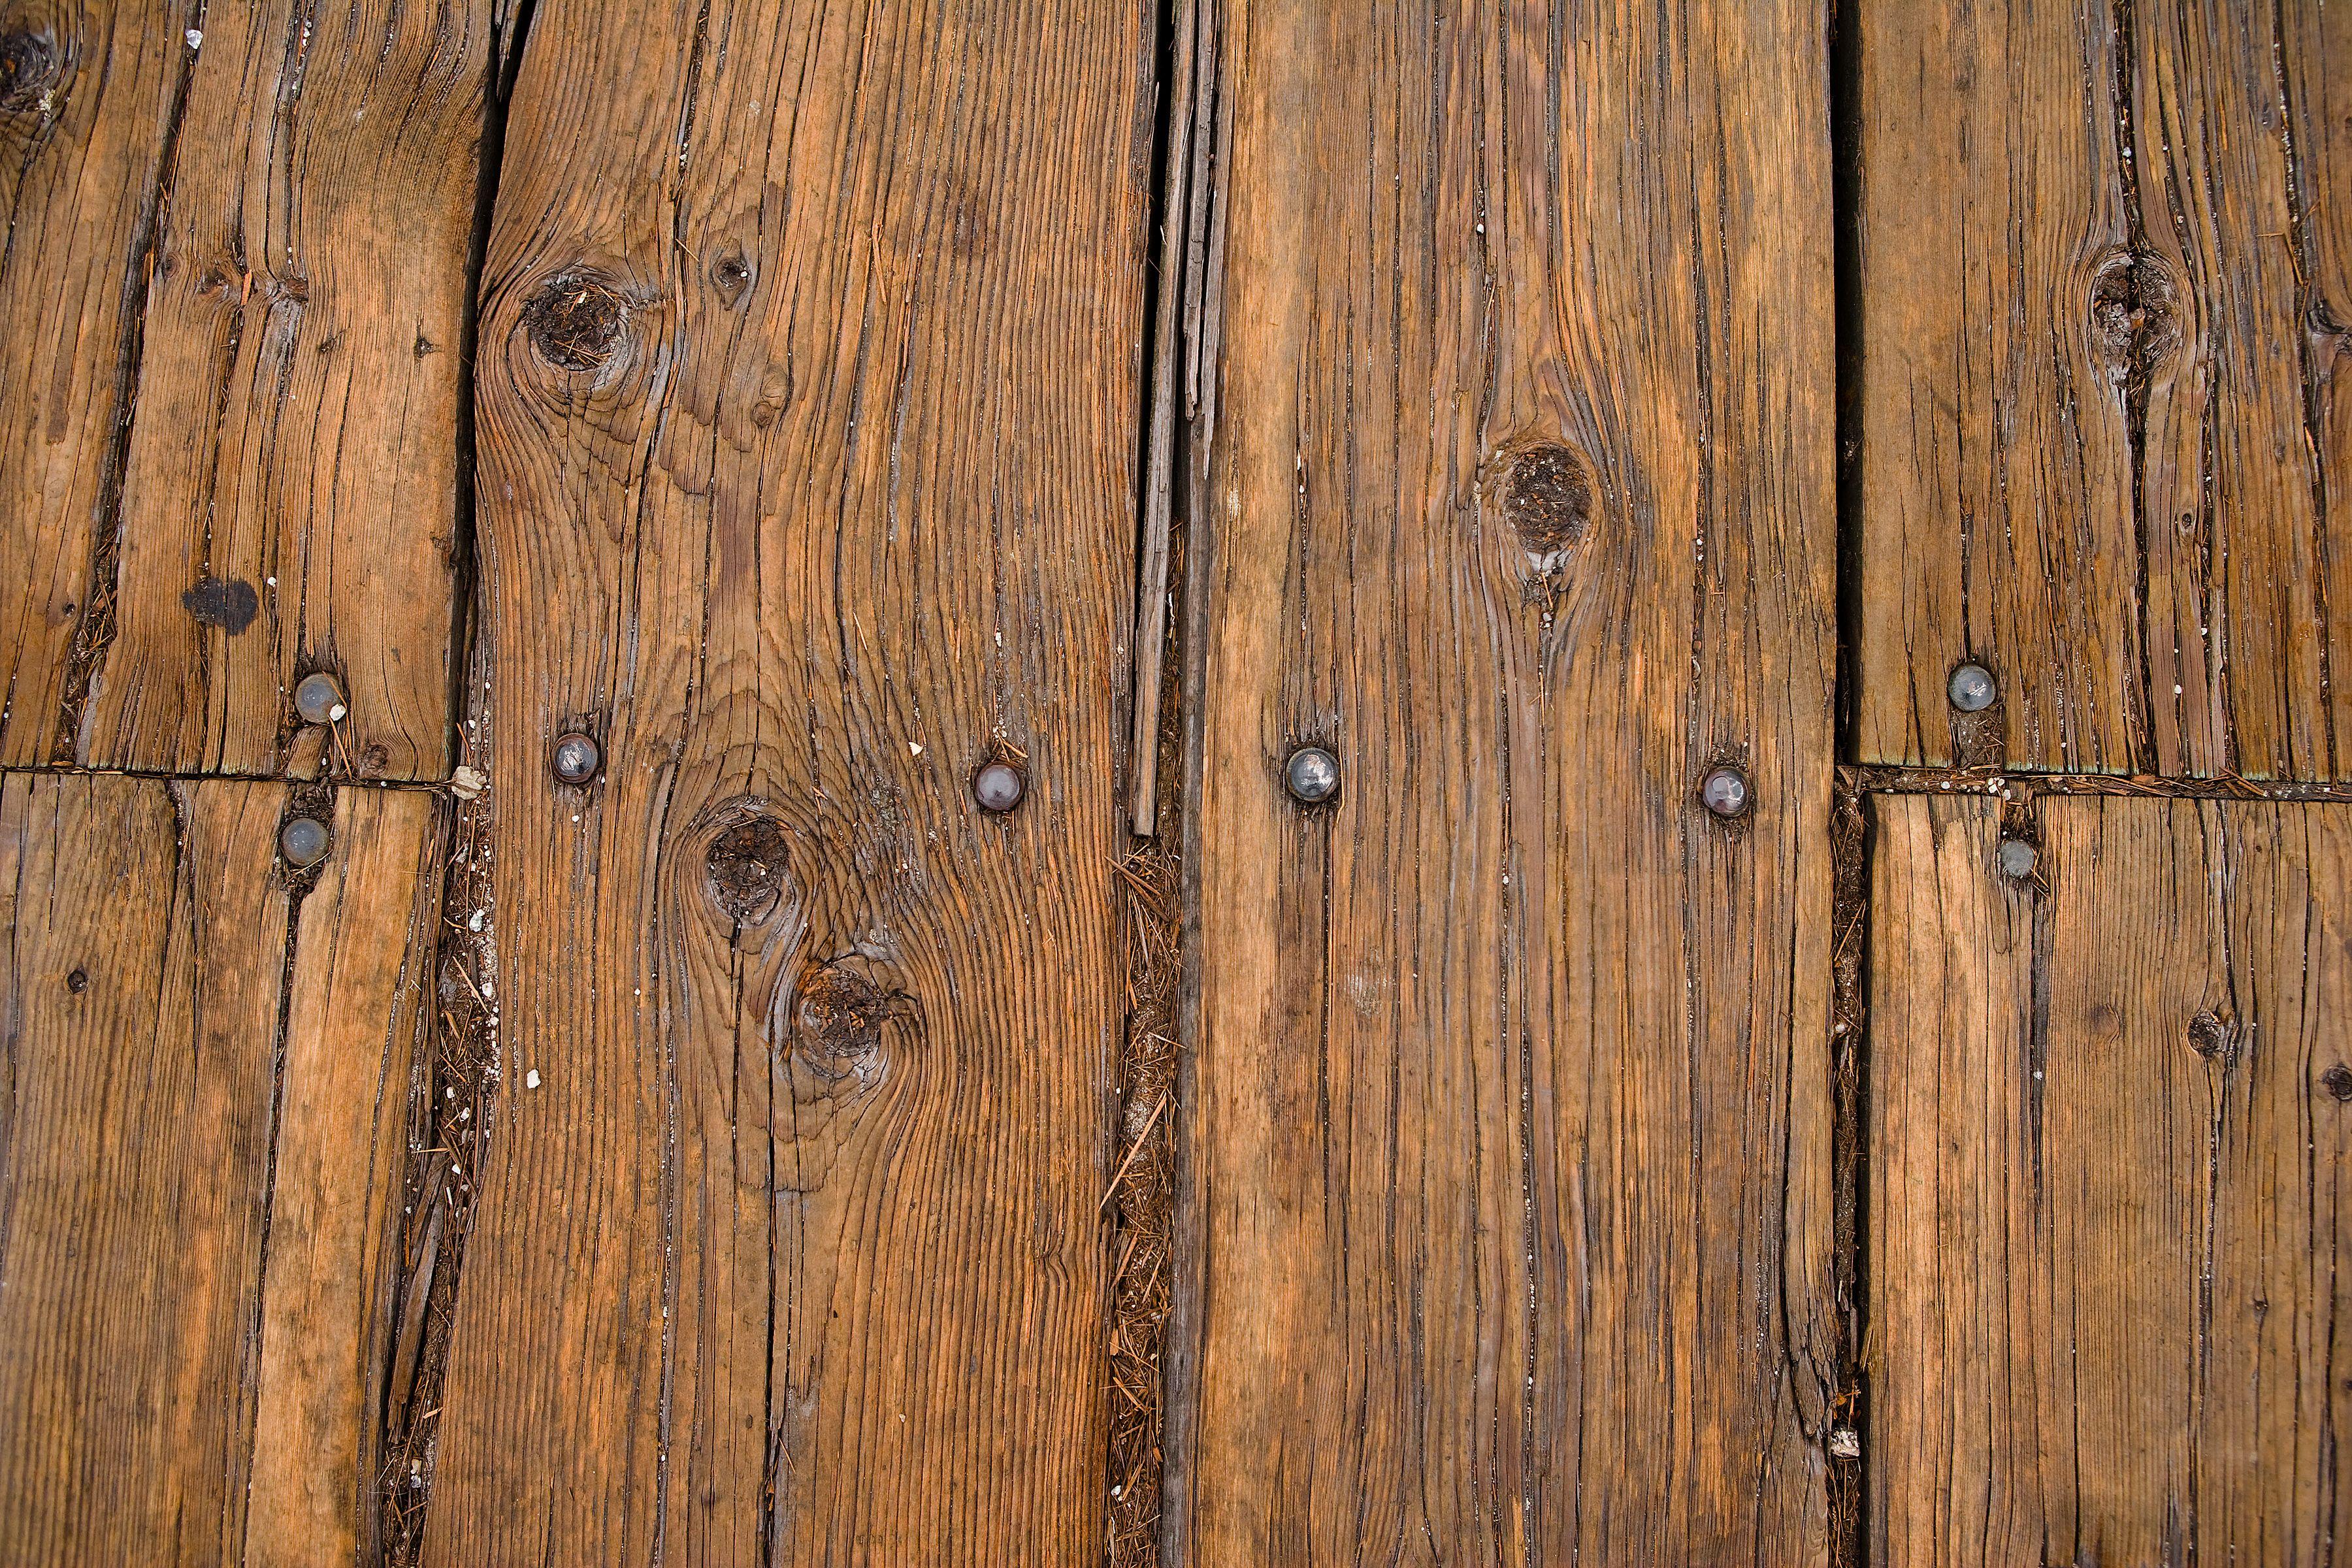 How To Repair Bulging Floor Boards Old Wood Floors Refinishing Floors Wood Floors